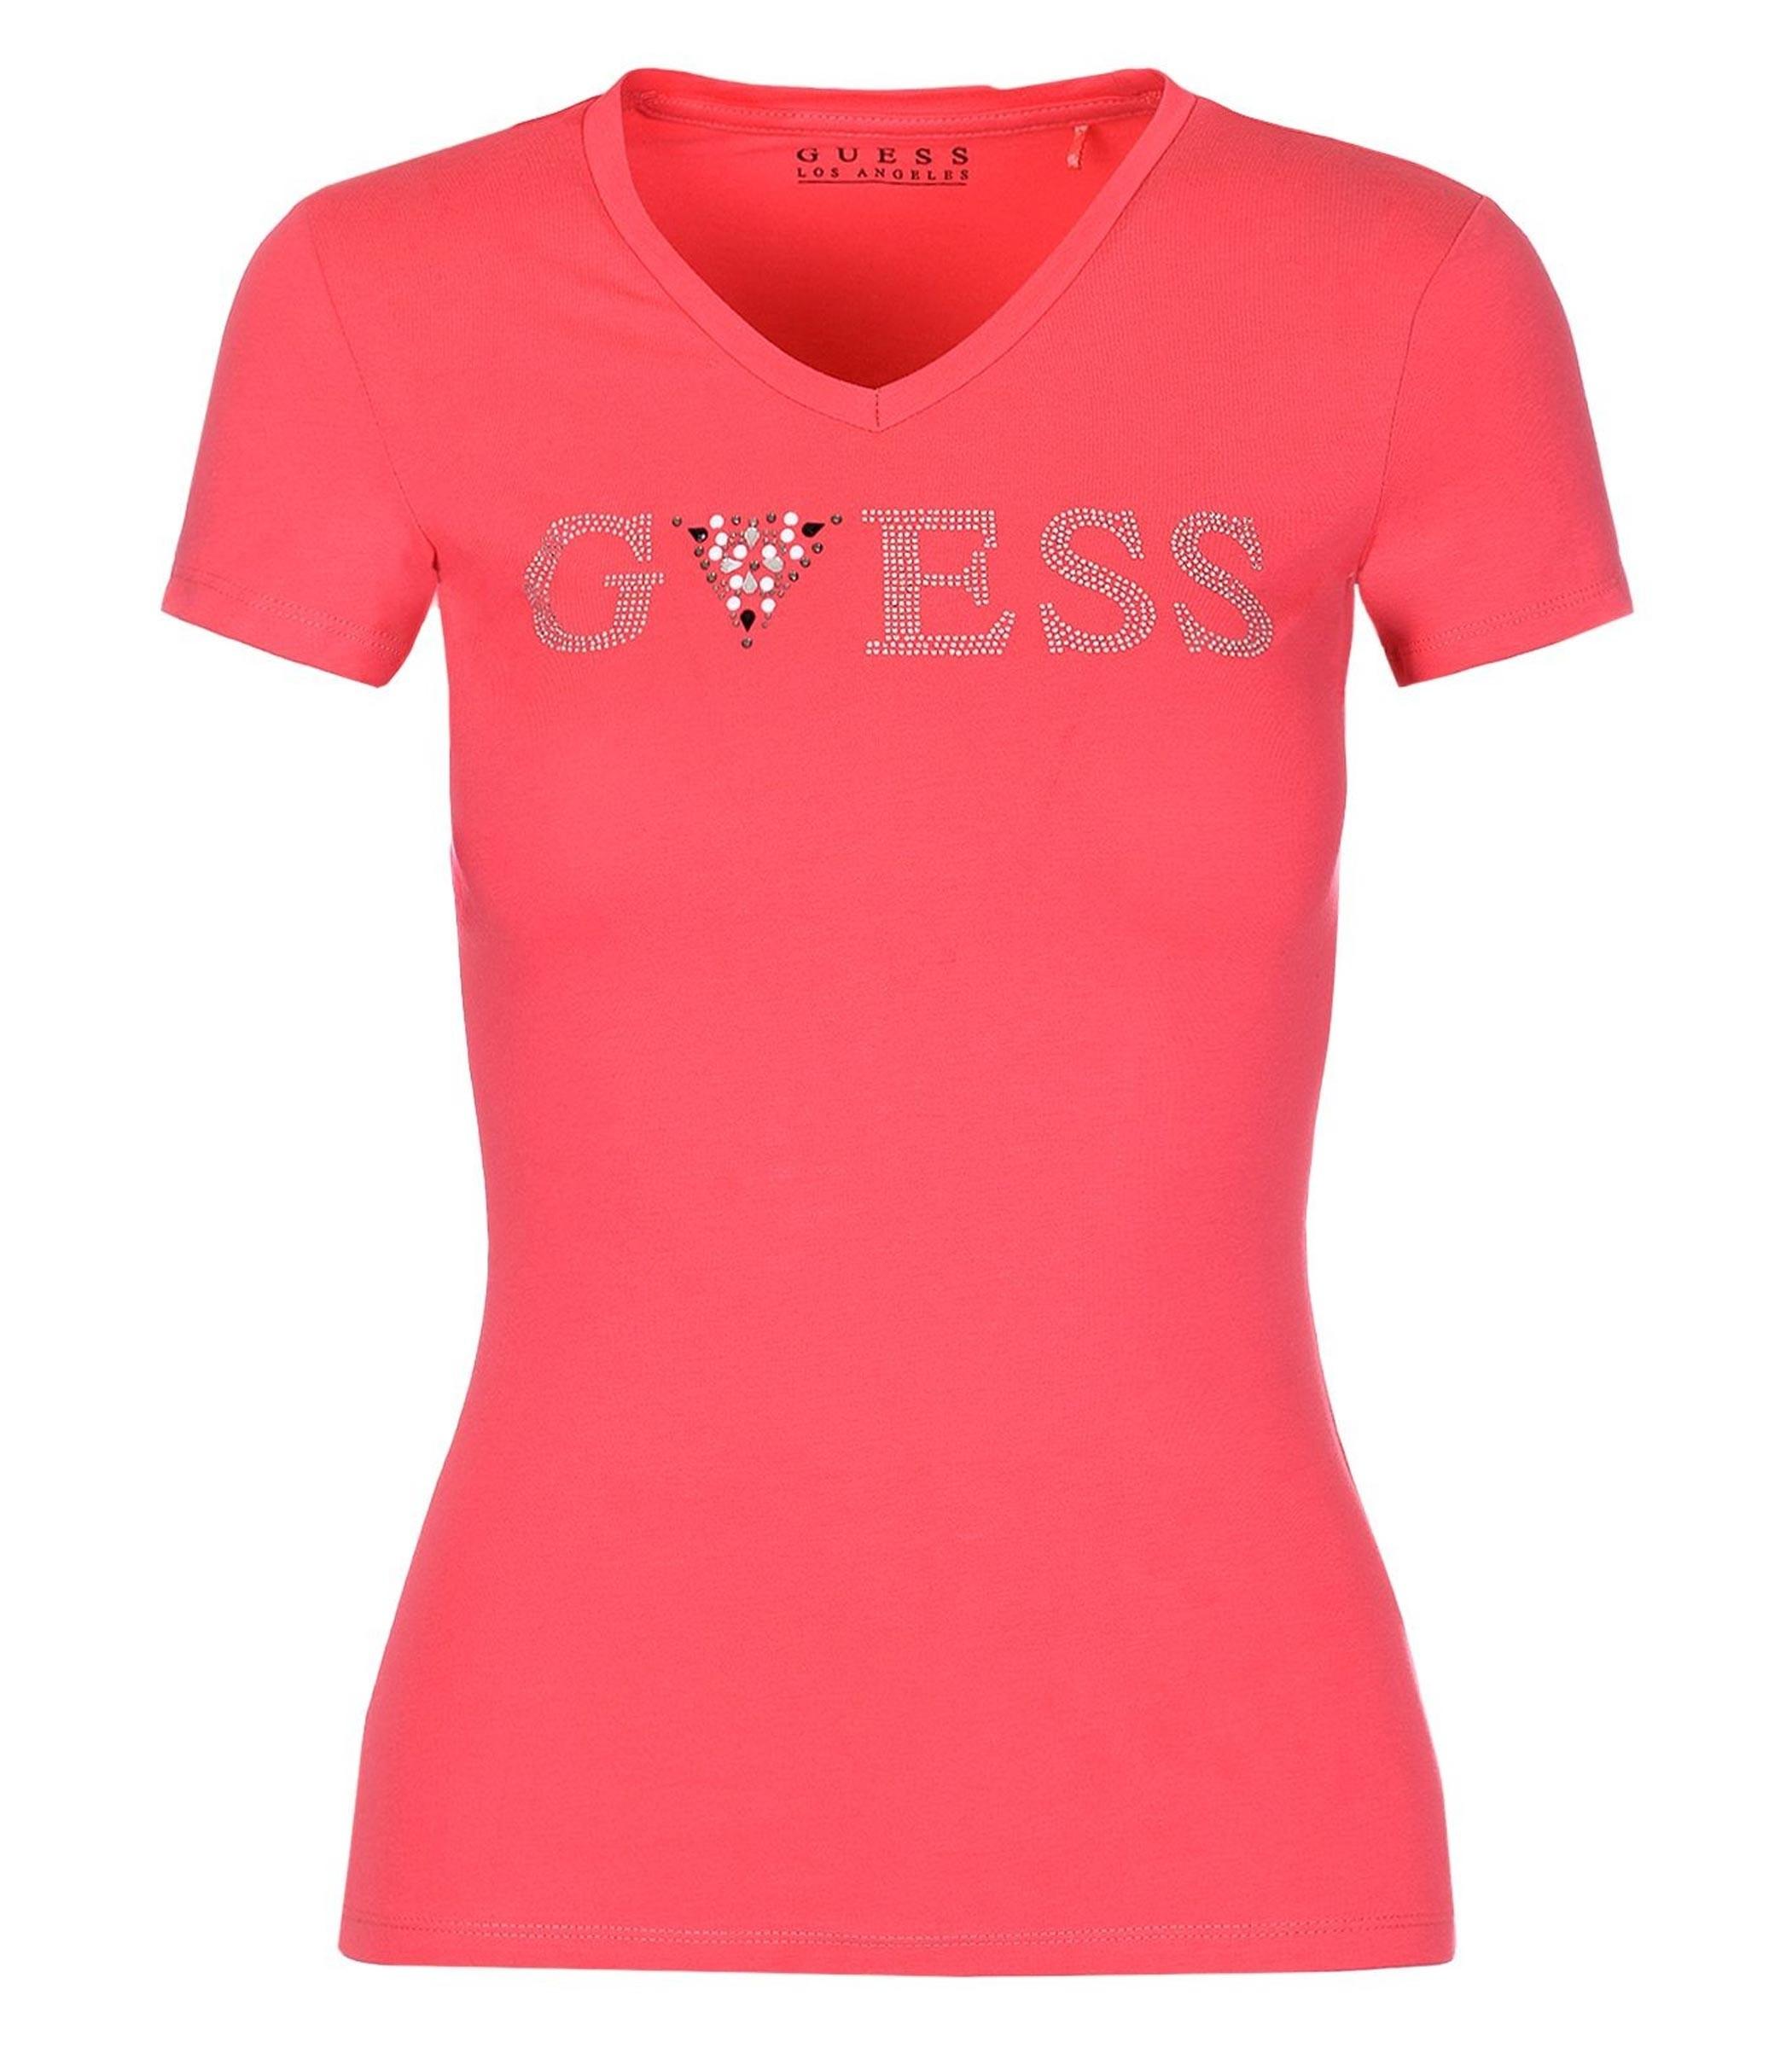 98ff72c0a4 T-shirt GUESS logo con applicazioni gioiello da donna rif. W92I80K6YW0